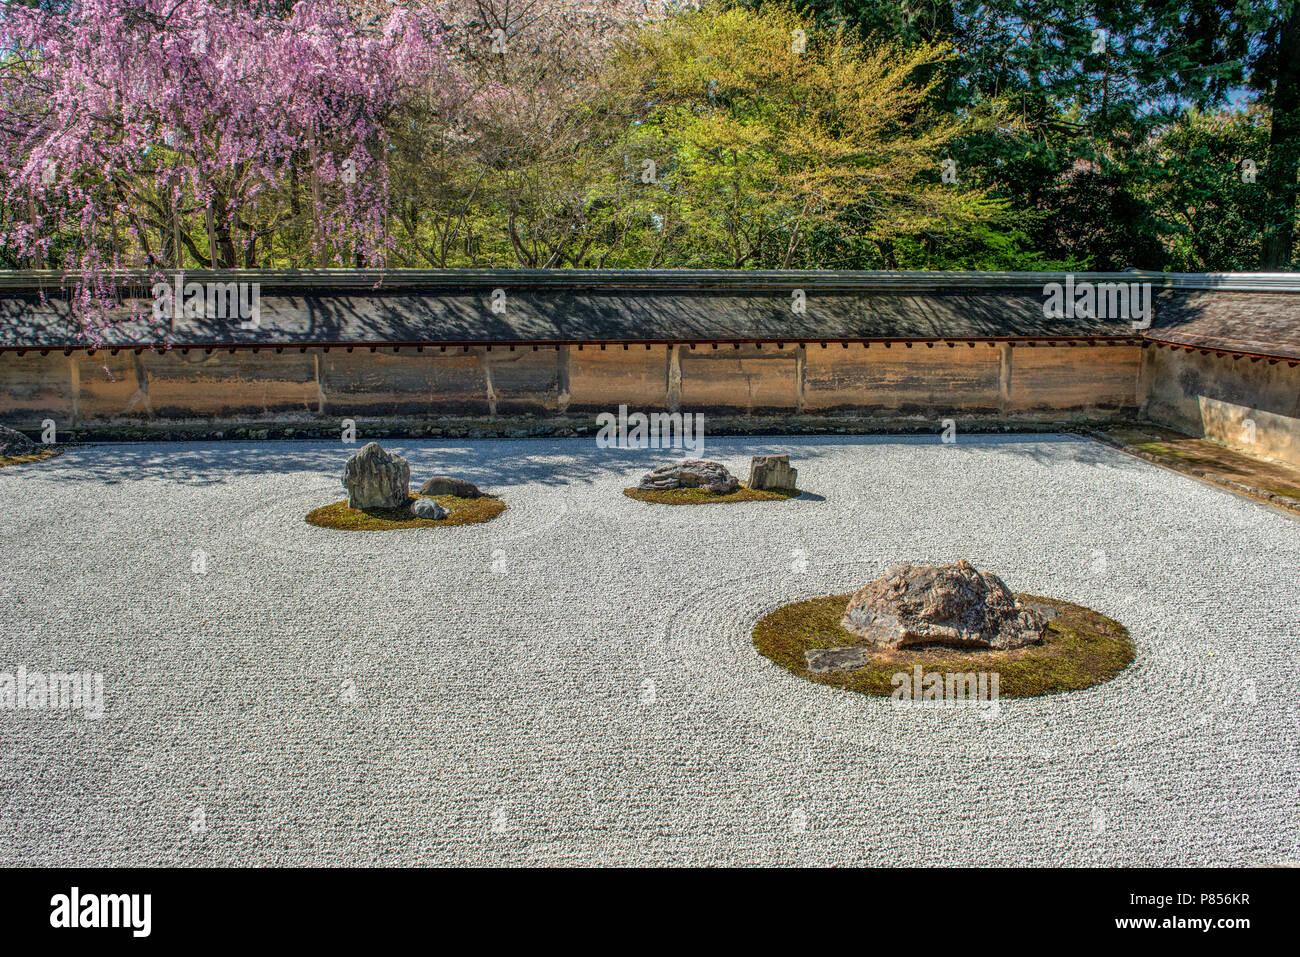 Los turistas japoneses disfrutan de la tranquilidad en el Templo Ryoanji en Kyoto, Japón. Este templo Budista Zen es famoso por su jardín de rocas. Imagen De Stock